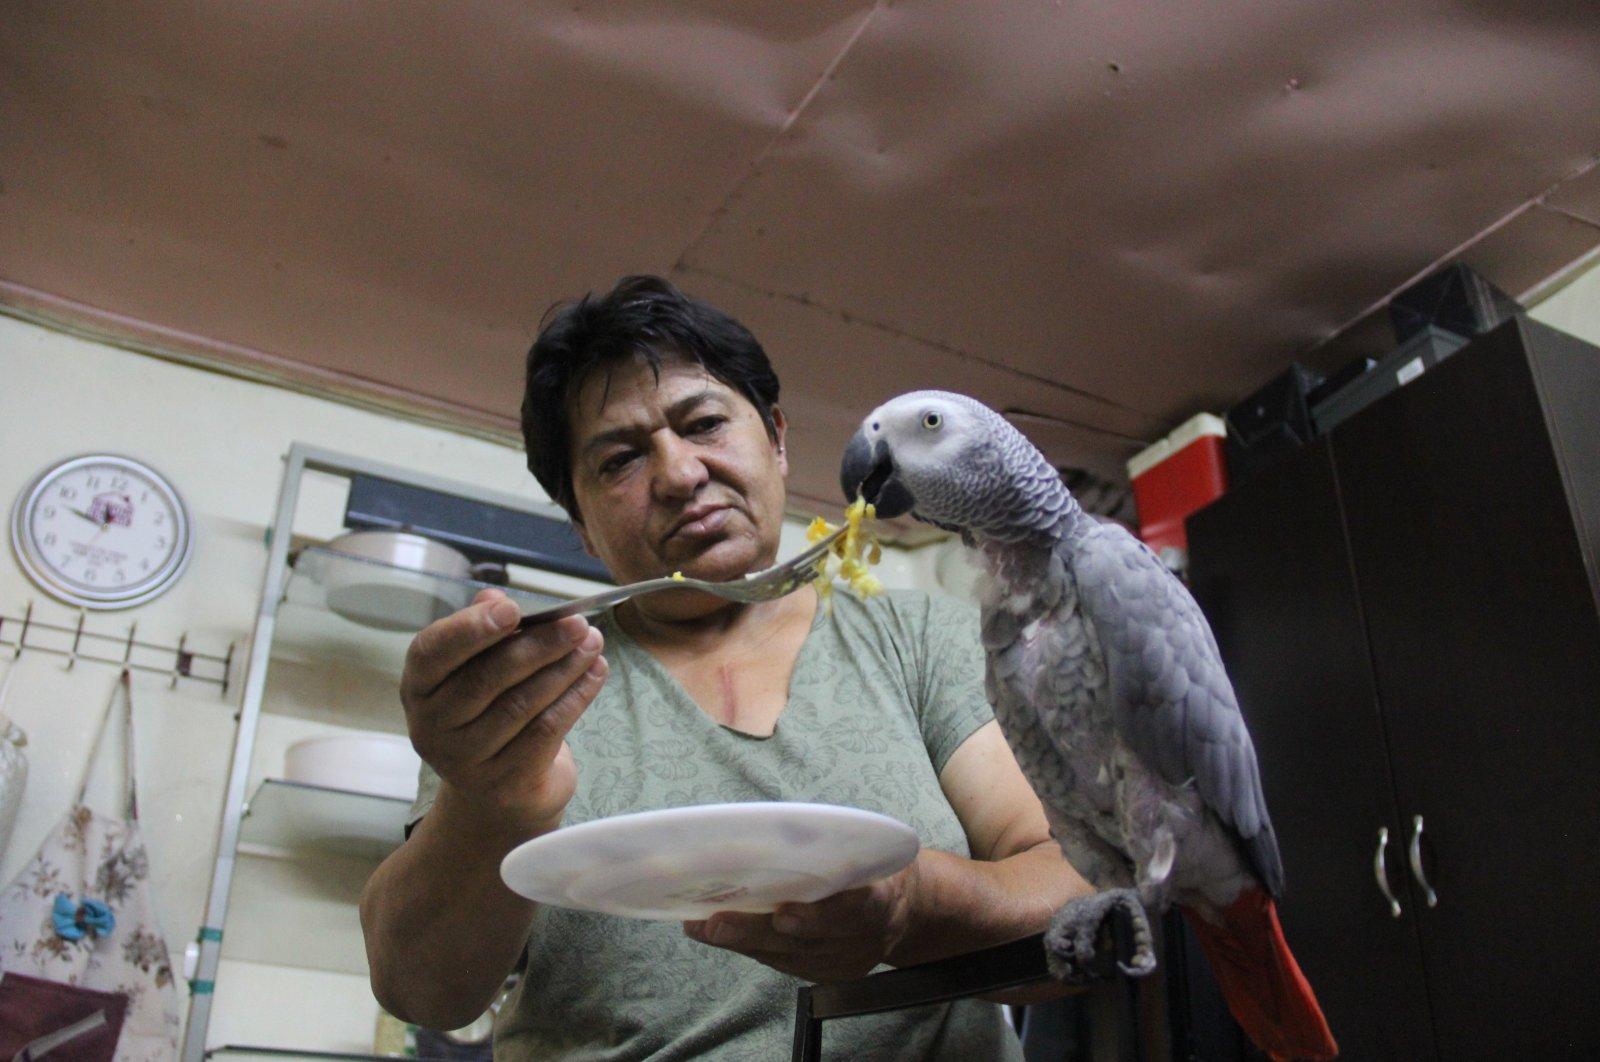 Hateme Karabulut feeds her parrot Sabri, in Sivas, Turkey, June 29, 2020. (AA Photo)